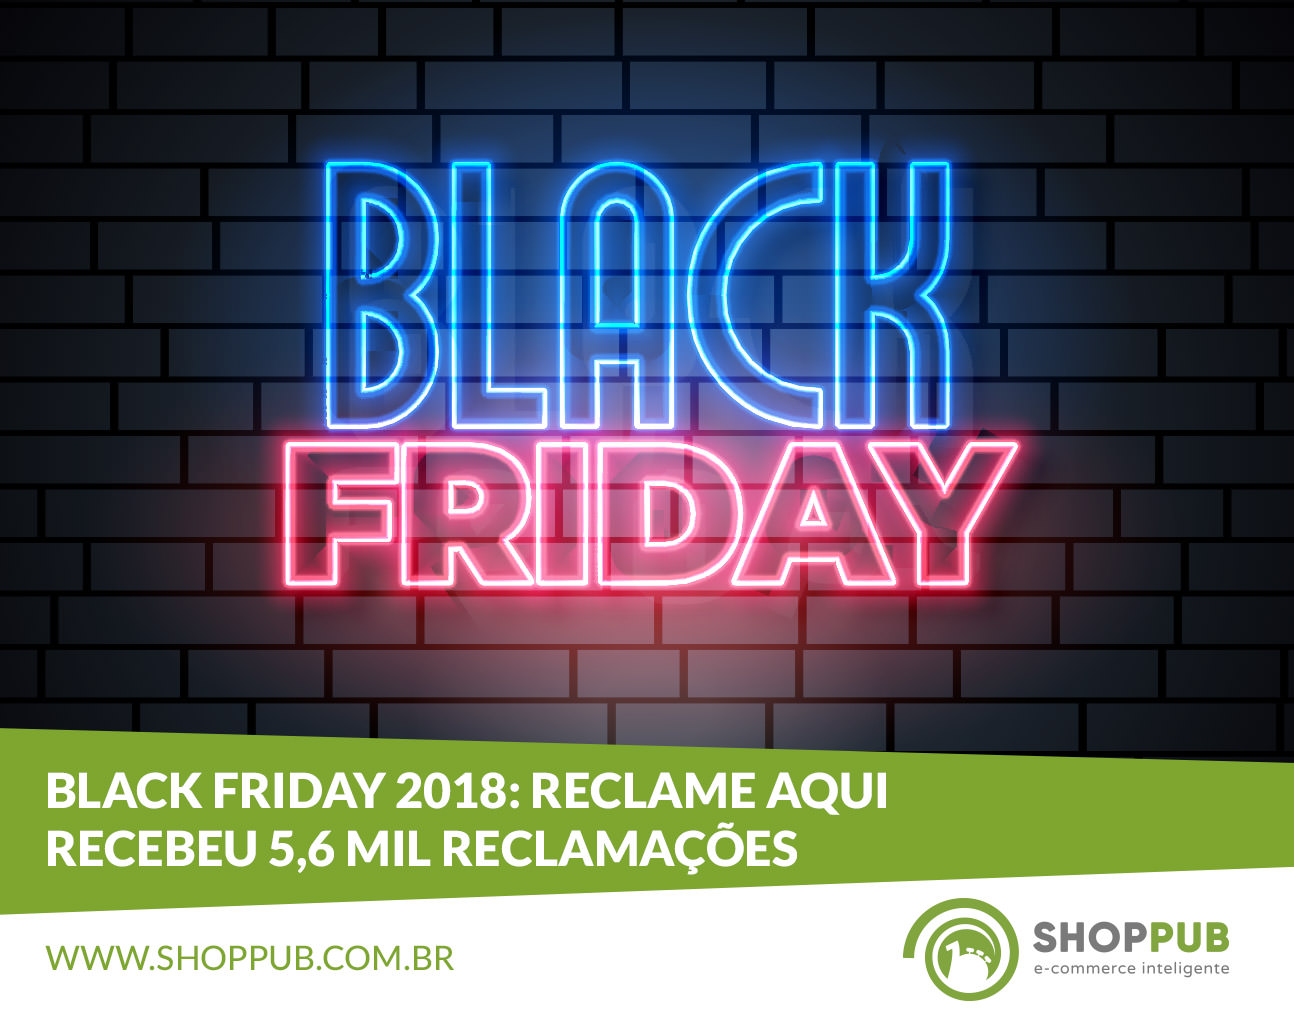 Black Friday 2018: Reclame Aqui recebeu 5,6 mil reclamações